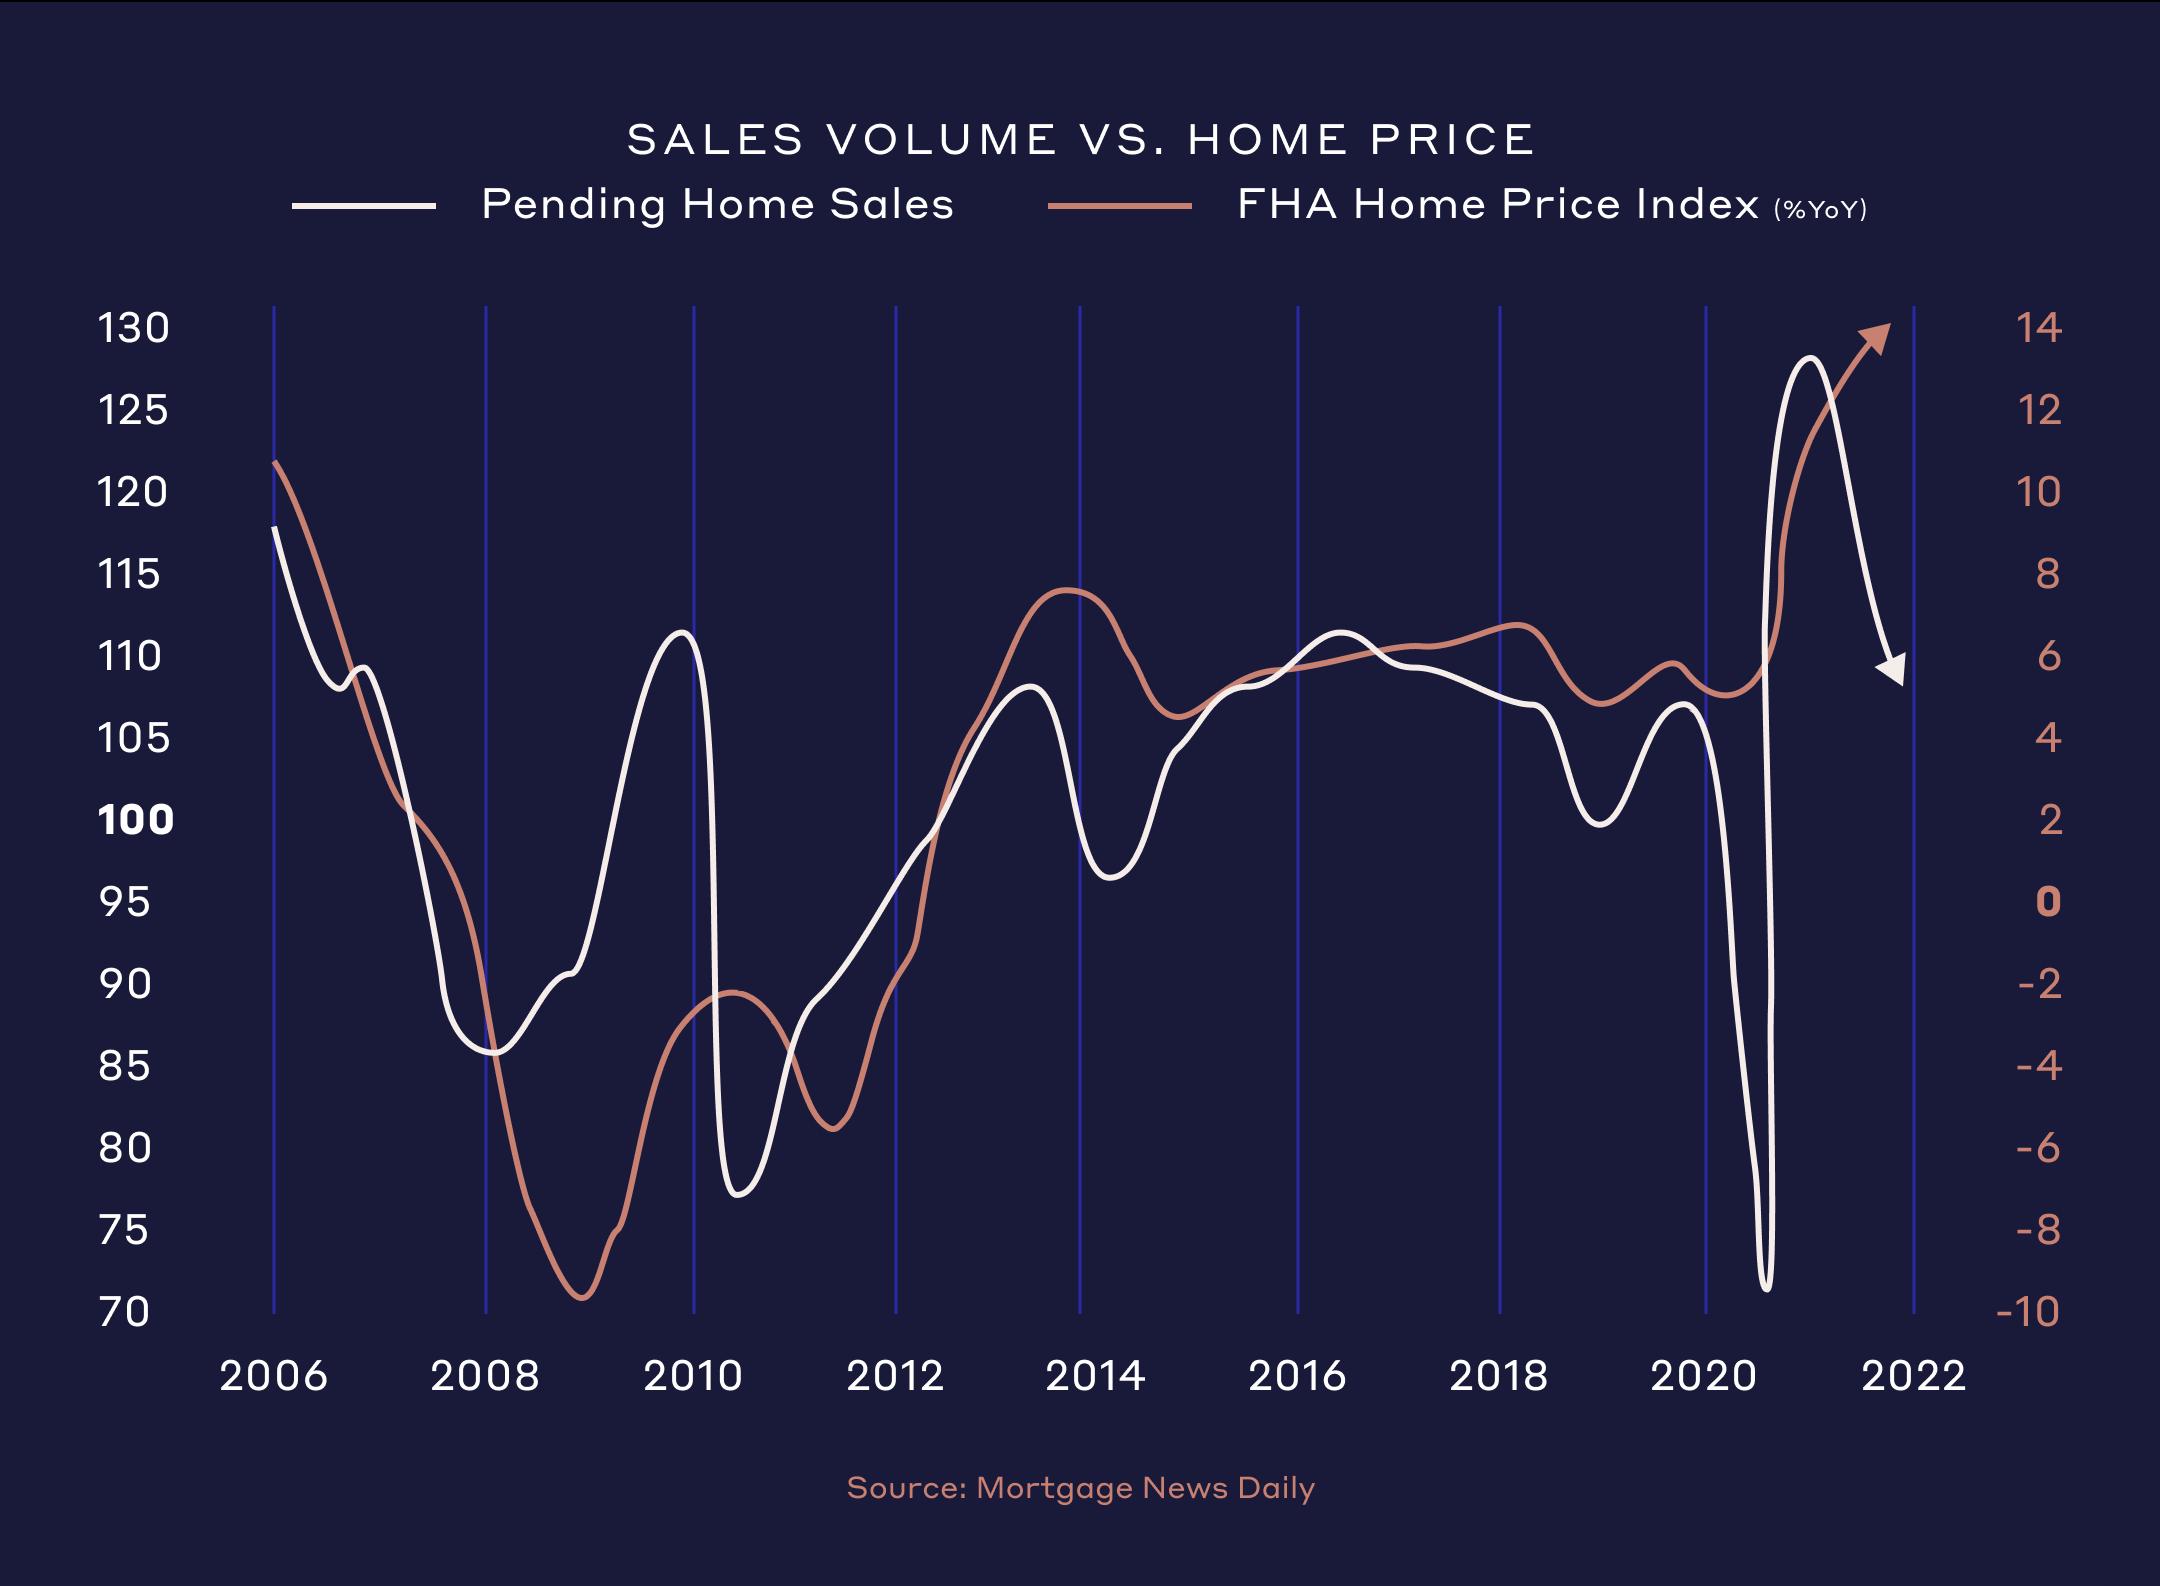 Sales volume vs Home Price